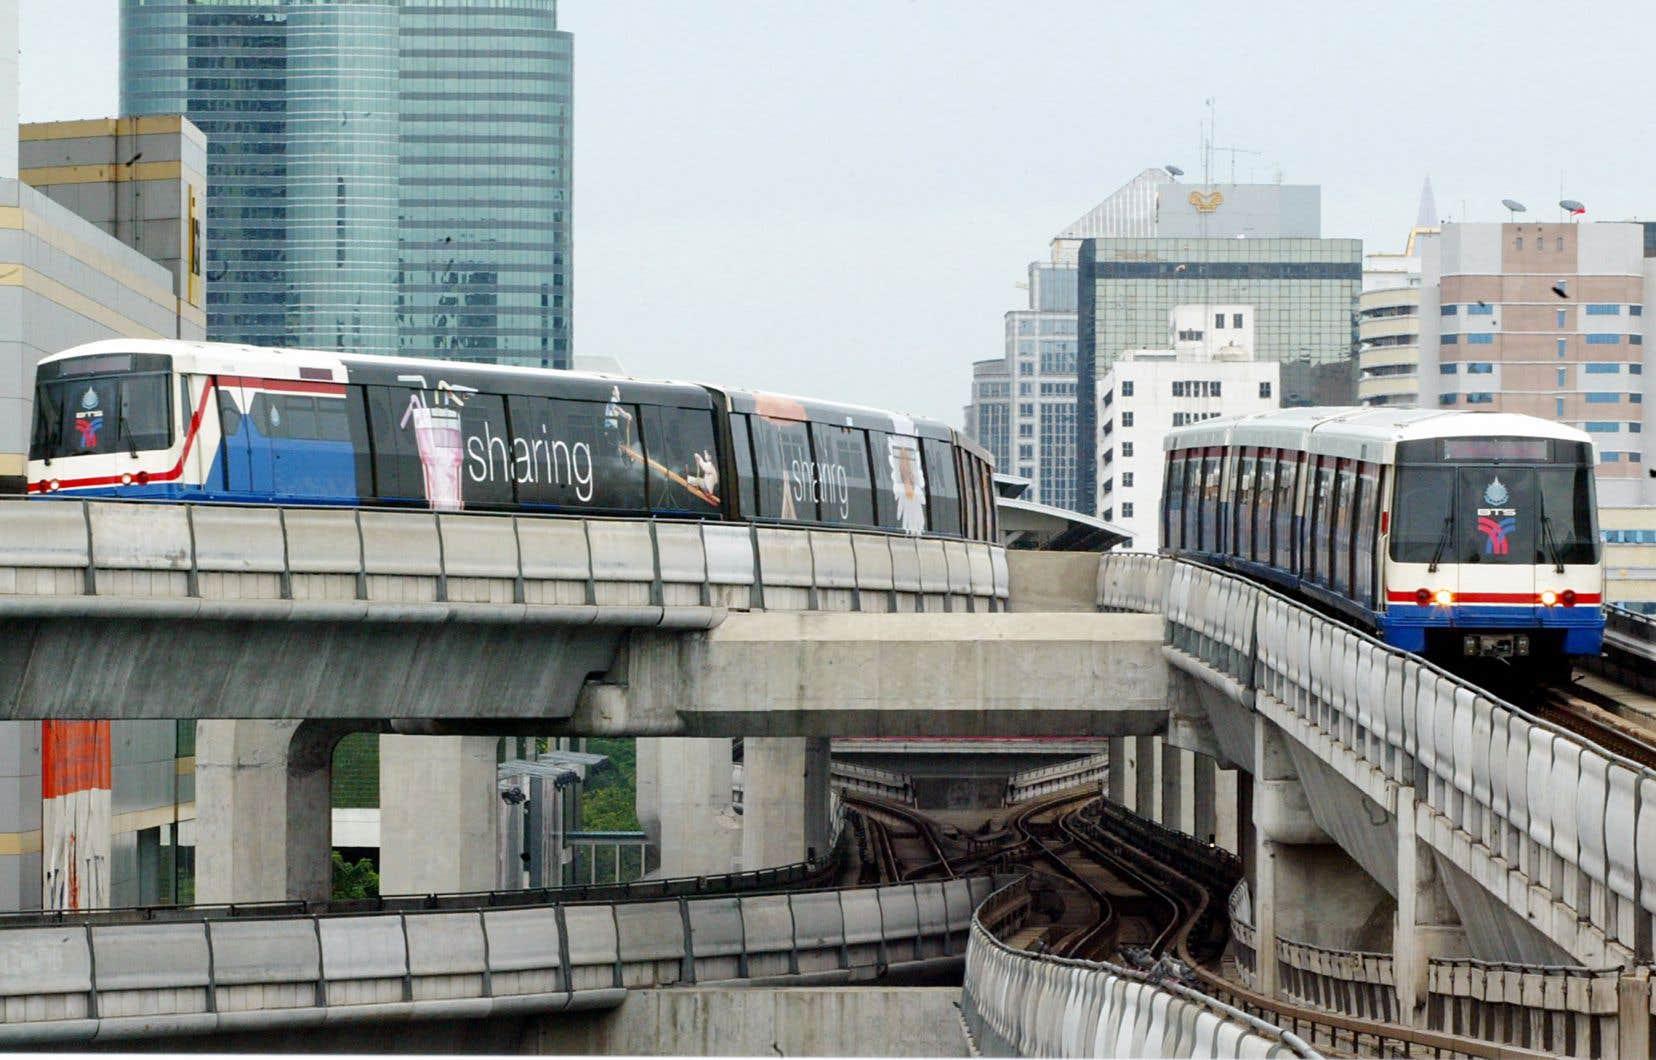 Le train aérien de la capitale thaïlandaise, surnommé le Bangkok Mass Transit System (BTS), serpente dans une partie de la ville, le long de hautes structures bétonnées.